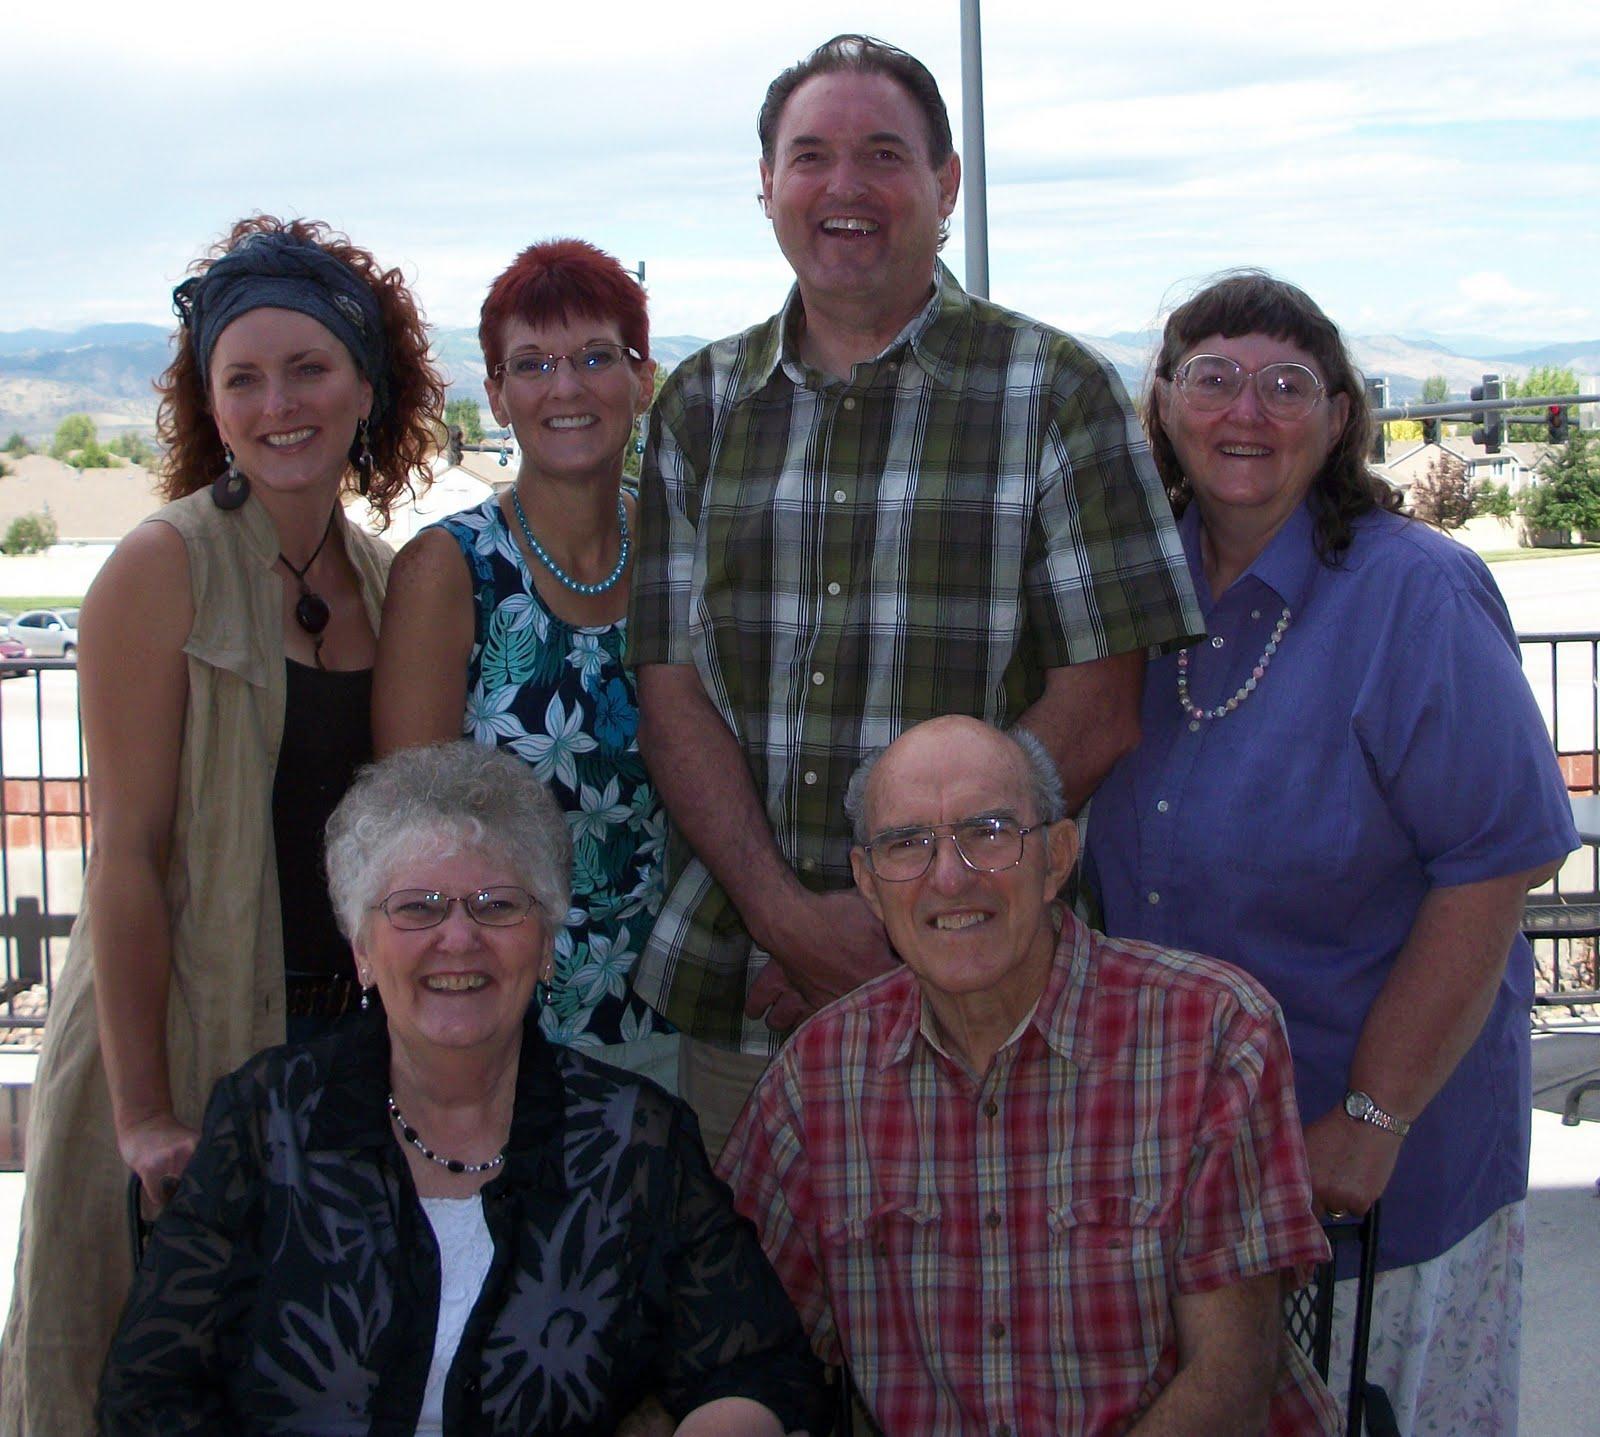 Clinton & Adelia Detweiler Reunion 2010: Family